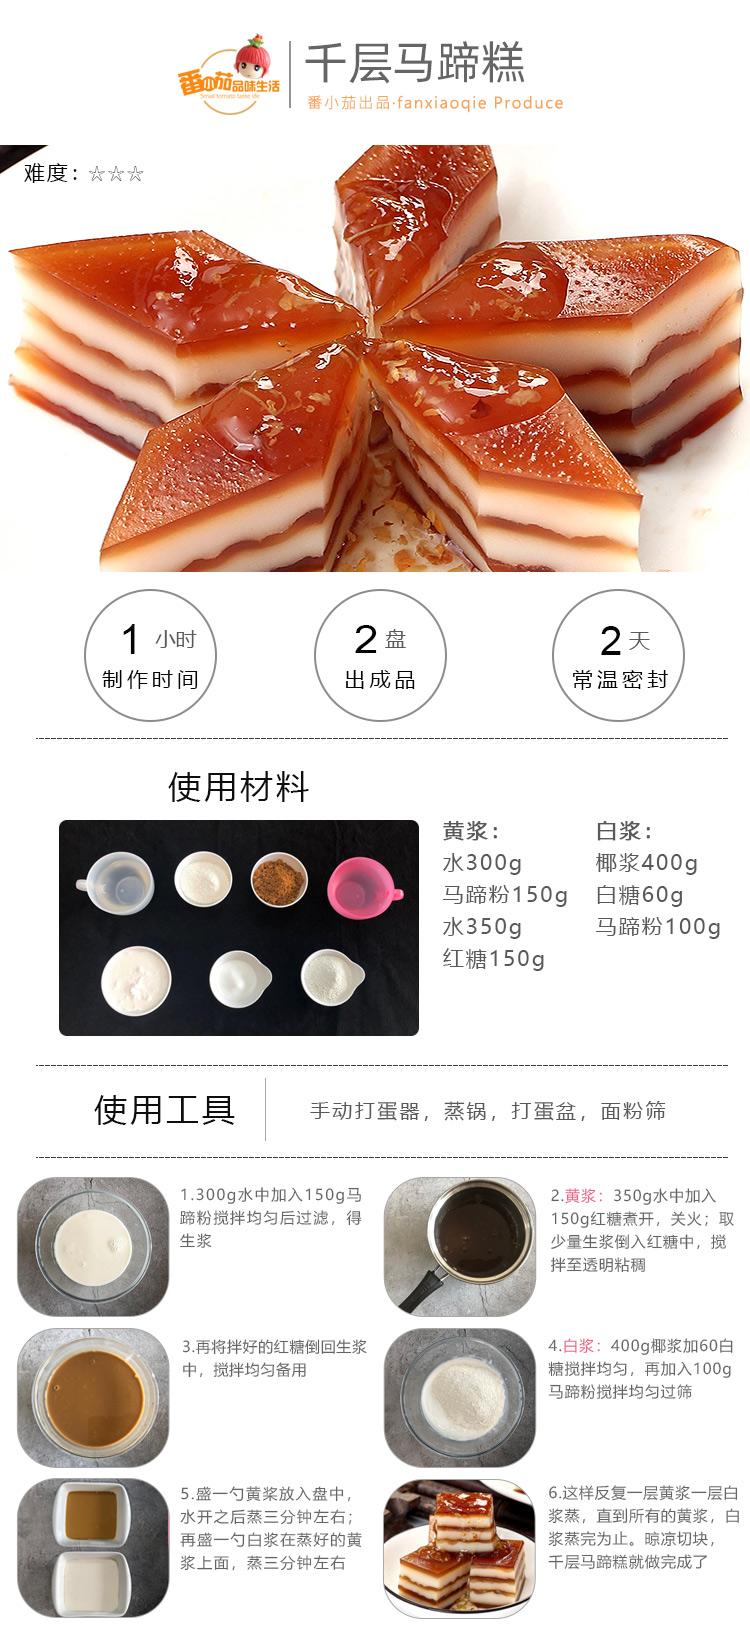 印尼进口佳乐经典椰浆椰汁原装西米露西米糕甜品烘焙原料详细照片